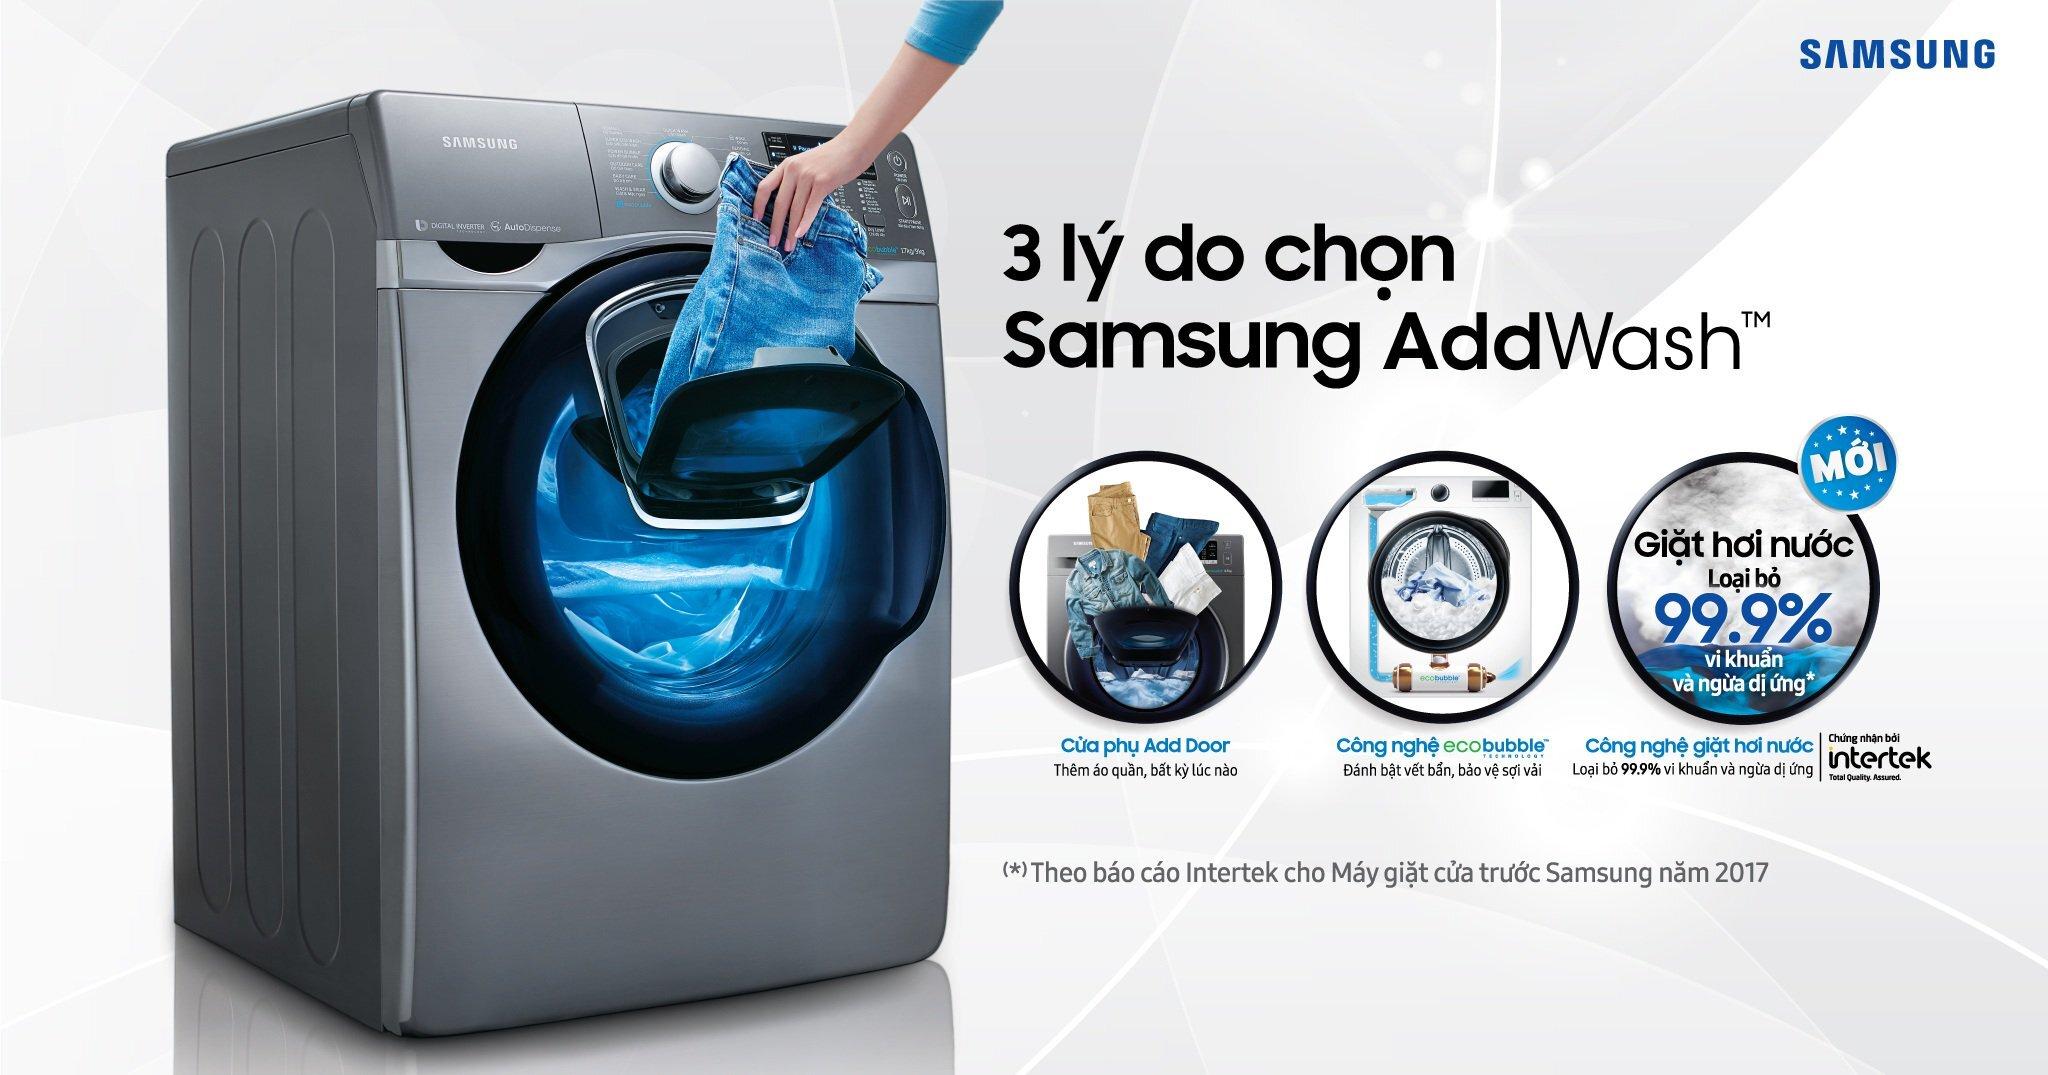 Máy giặt cửa trước có nhiều công nghệ giặt vượt trội